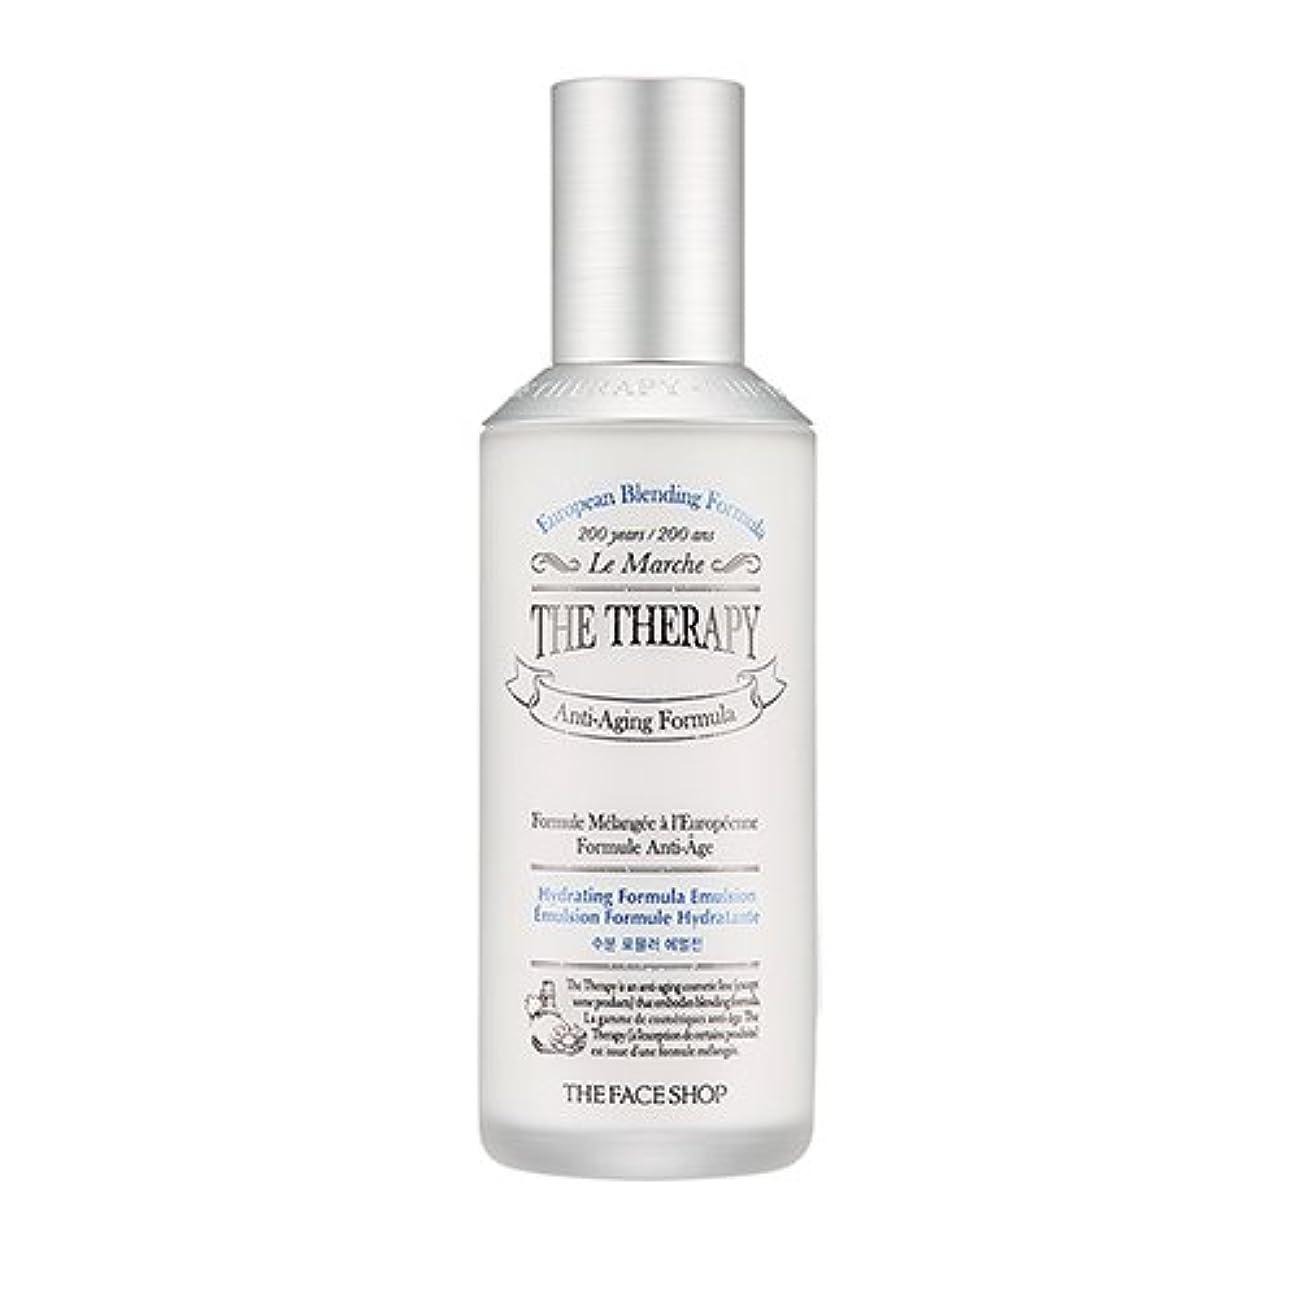 ご覧ください潤滑する取り消すTHE FACE SHOP The Therapy Hydrating Formula Emulsion 130ml/ザフェイスショップ ザ セラピー ハイドレーティング フォーミュラ エマルジョン 130ml